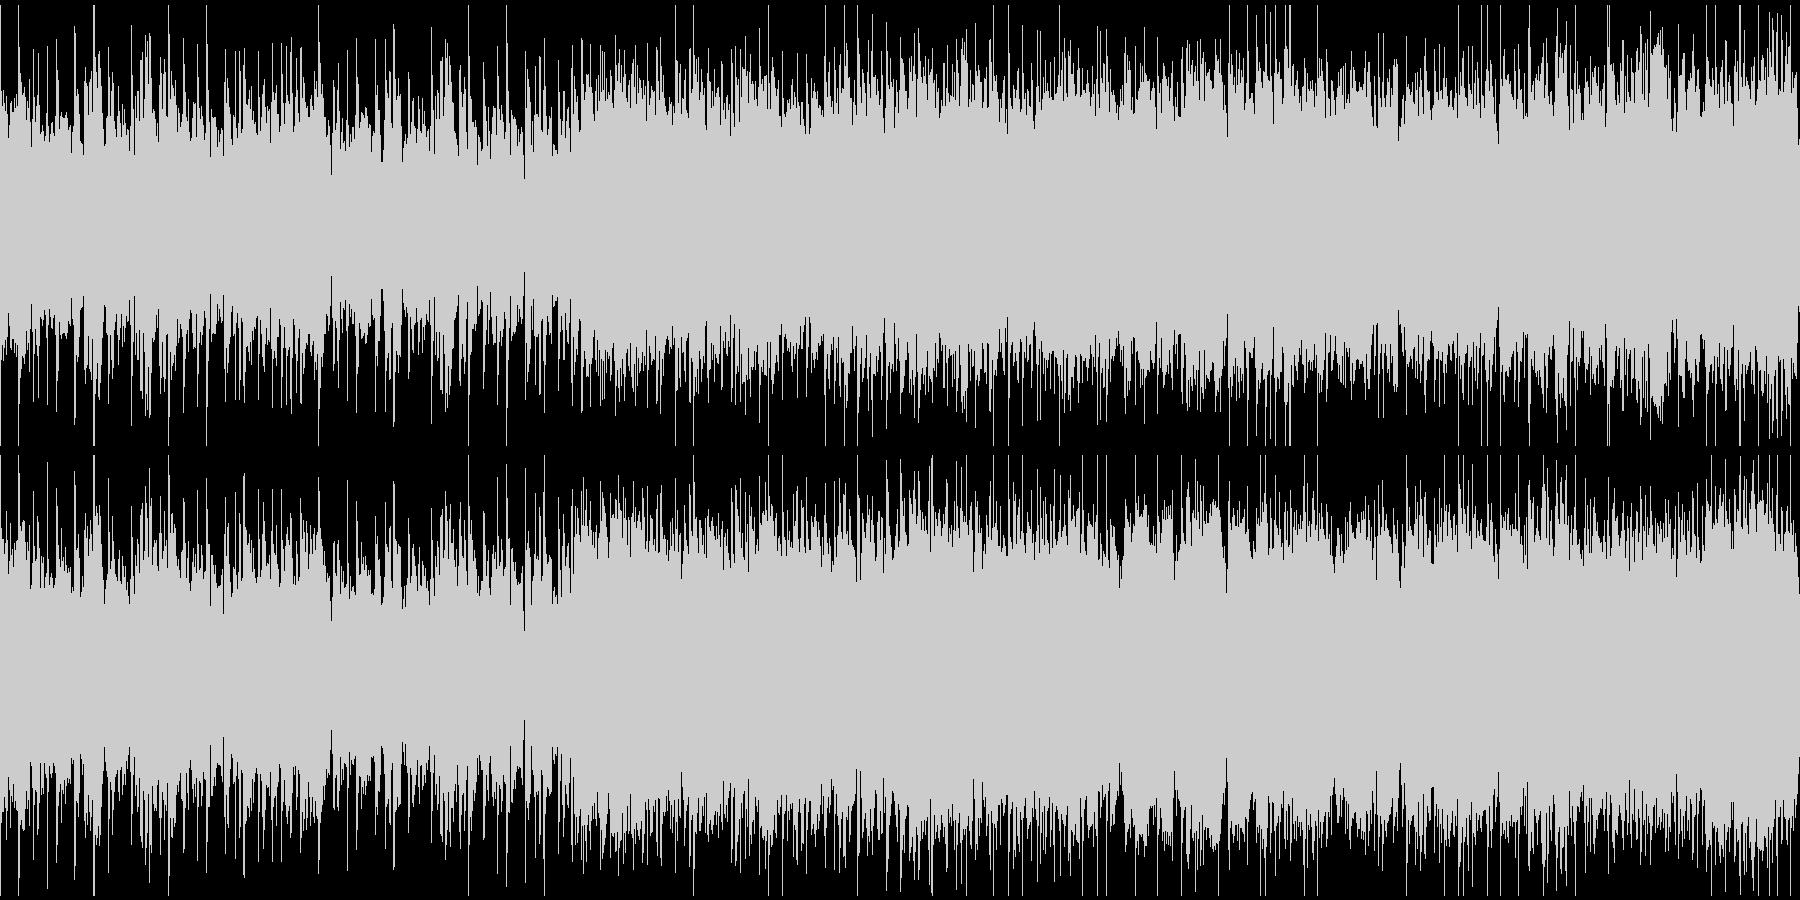 渋いグランジロック・生ギター・ループ1の未再生の波形